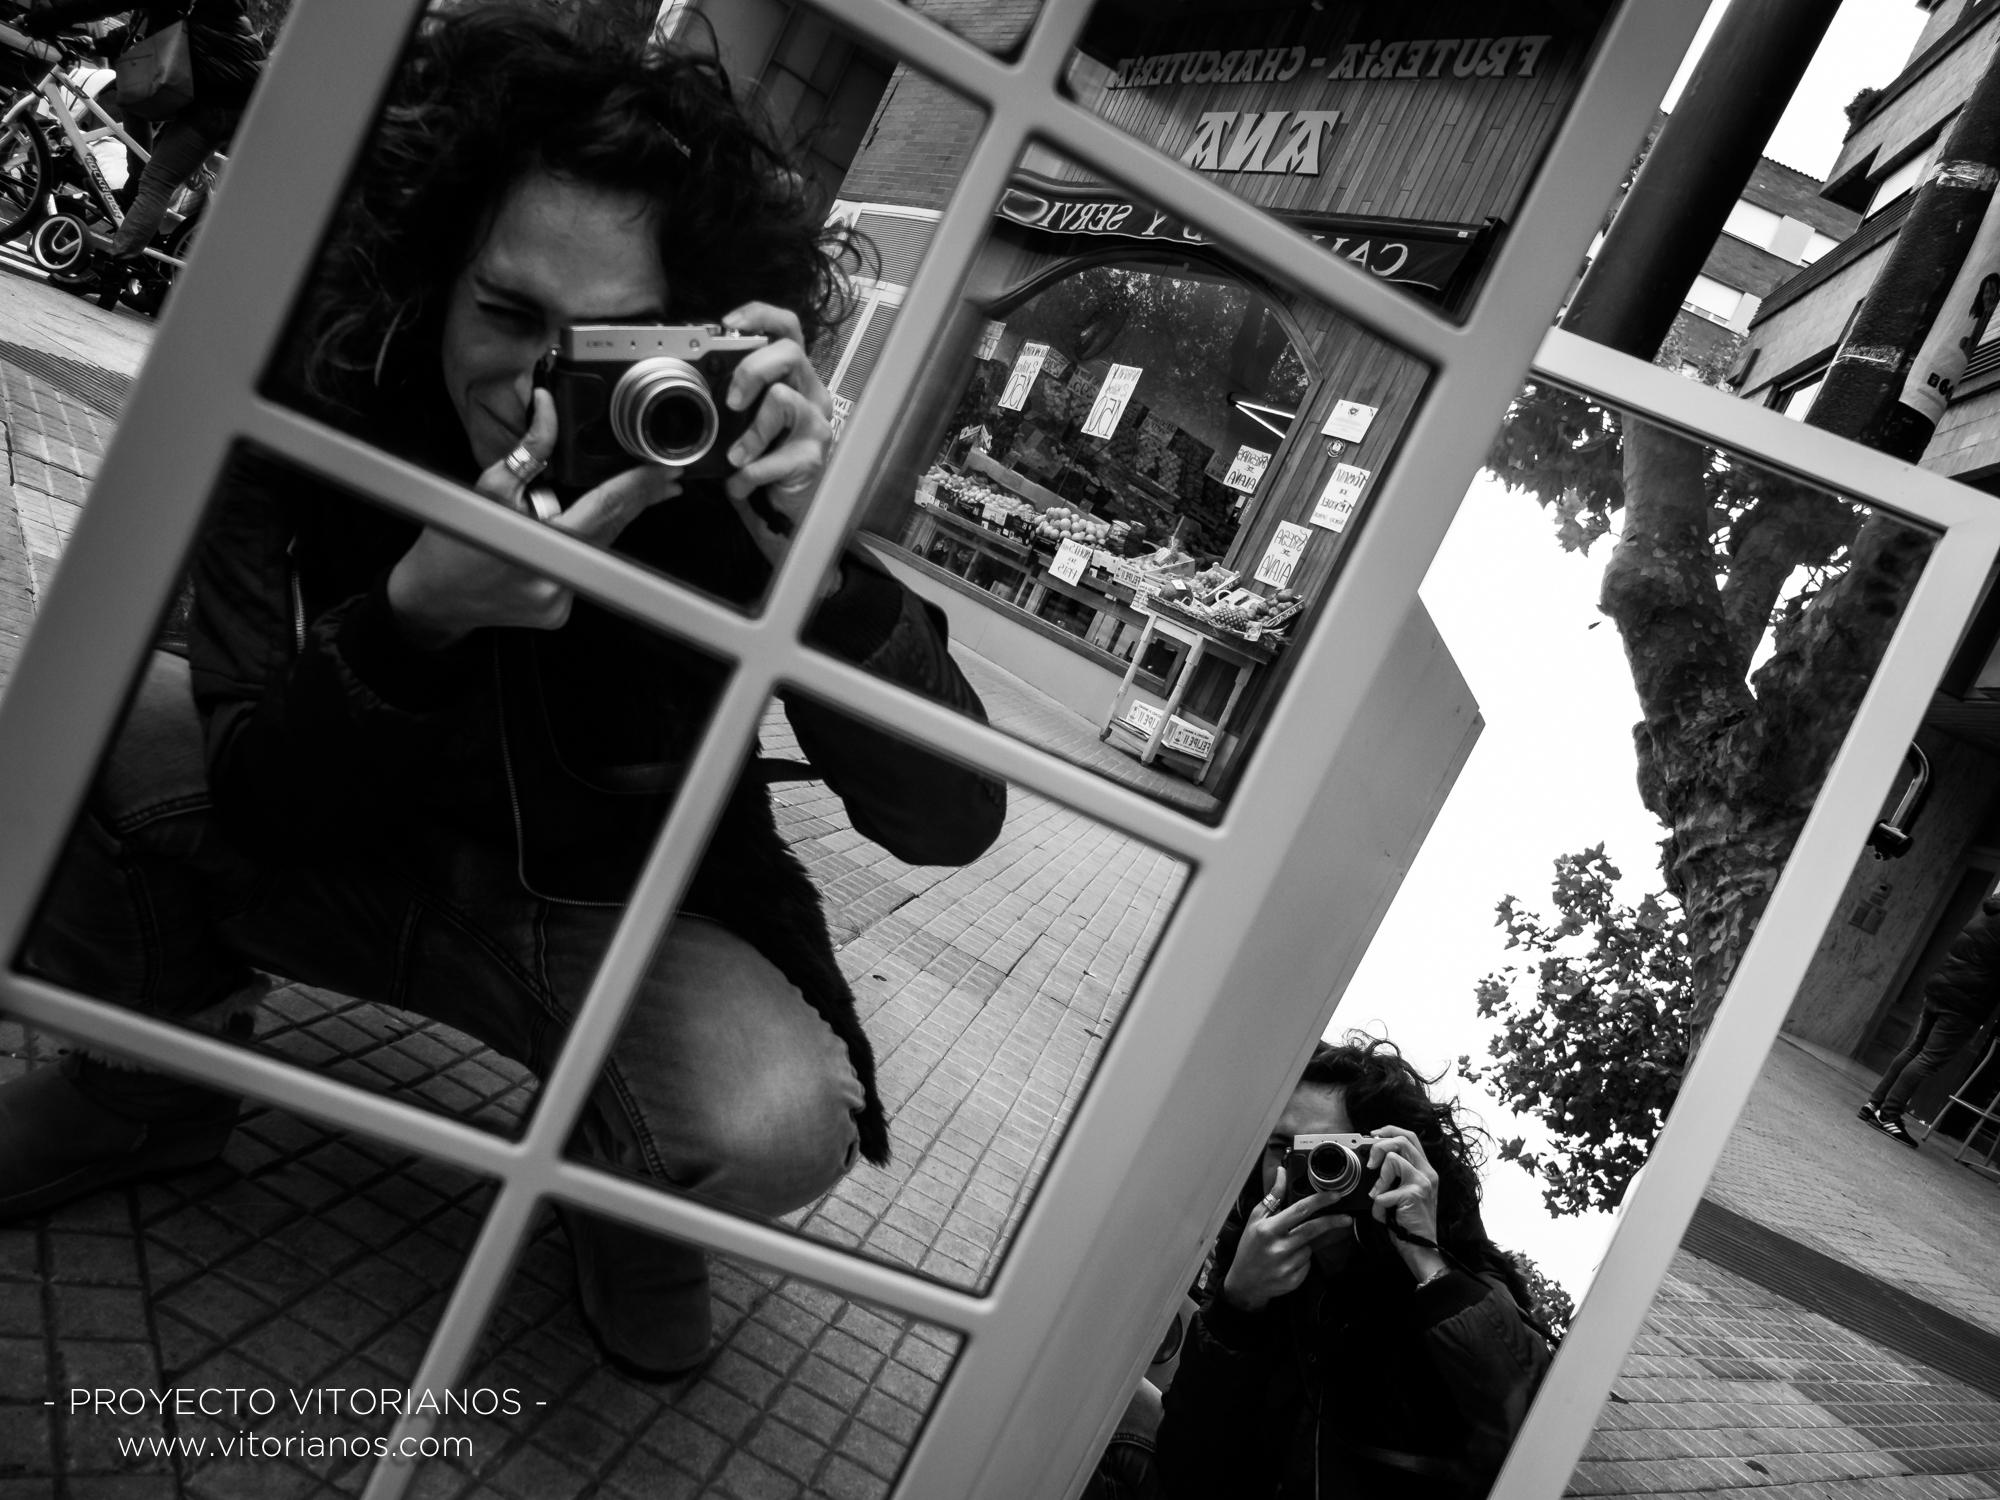 Juego de espejos - Foto: Sandra Sastre